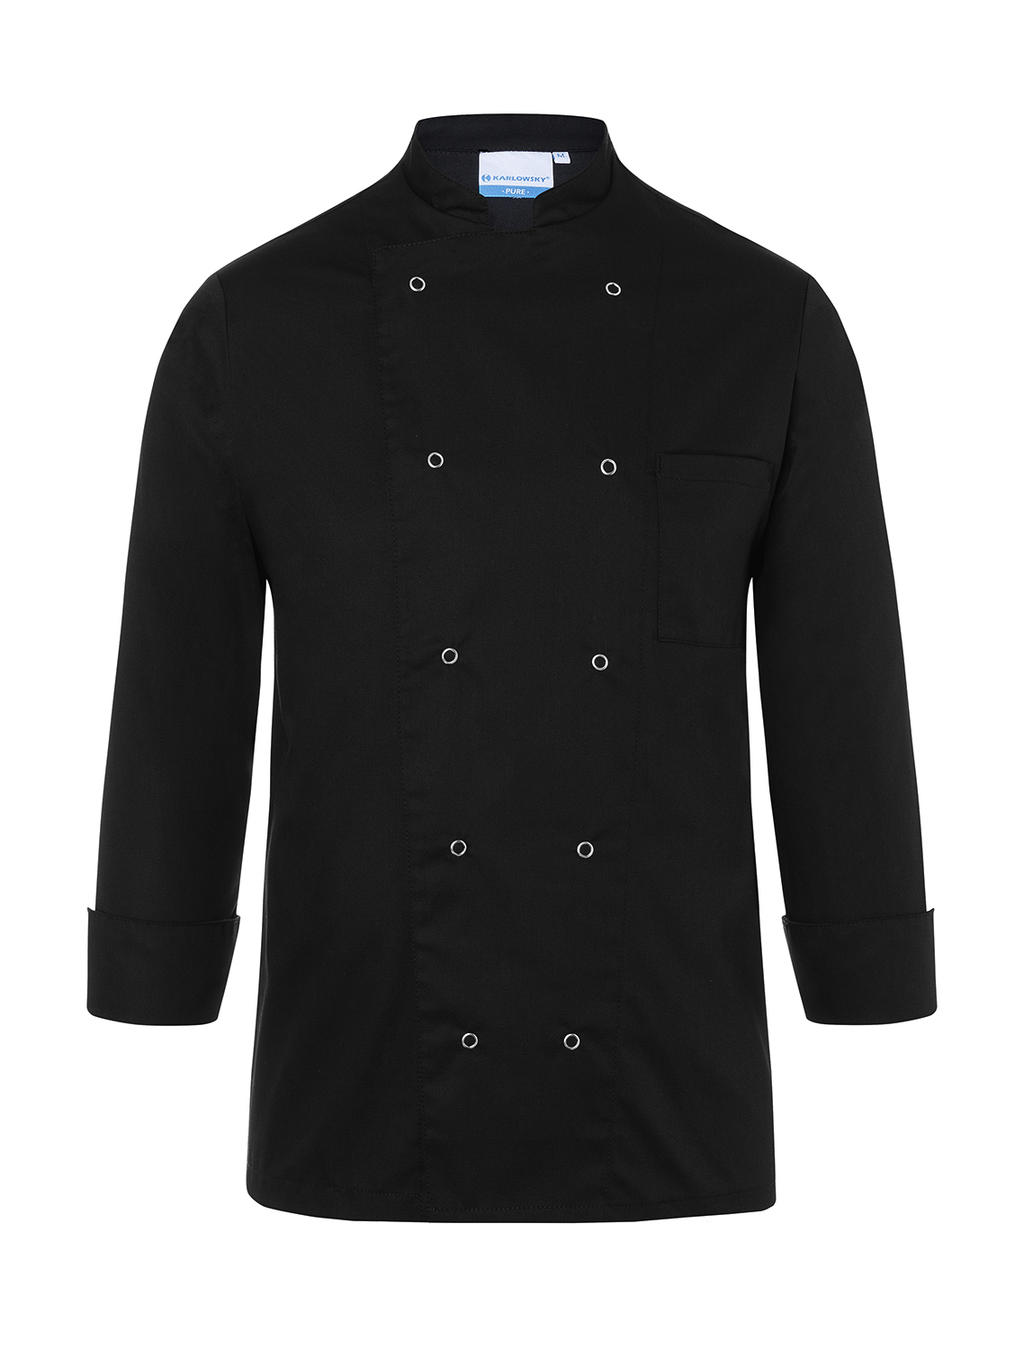 Základní bunda šéfkuchaøe unisex  - zvìtšit obrázek